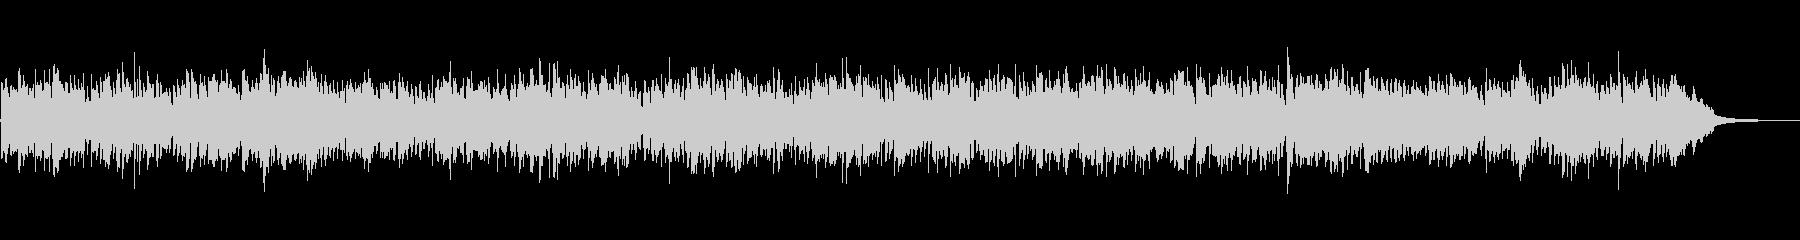 うきうき心弾むジャズBGMの未再生の波形